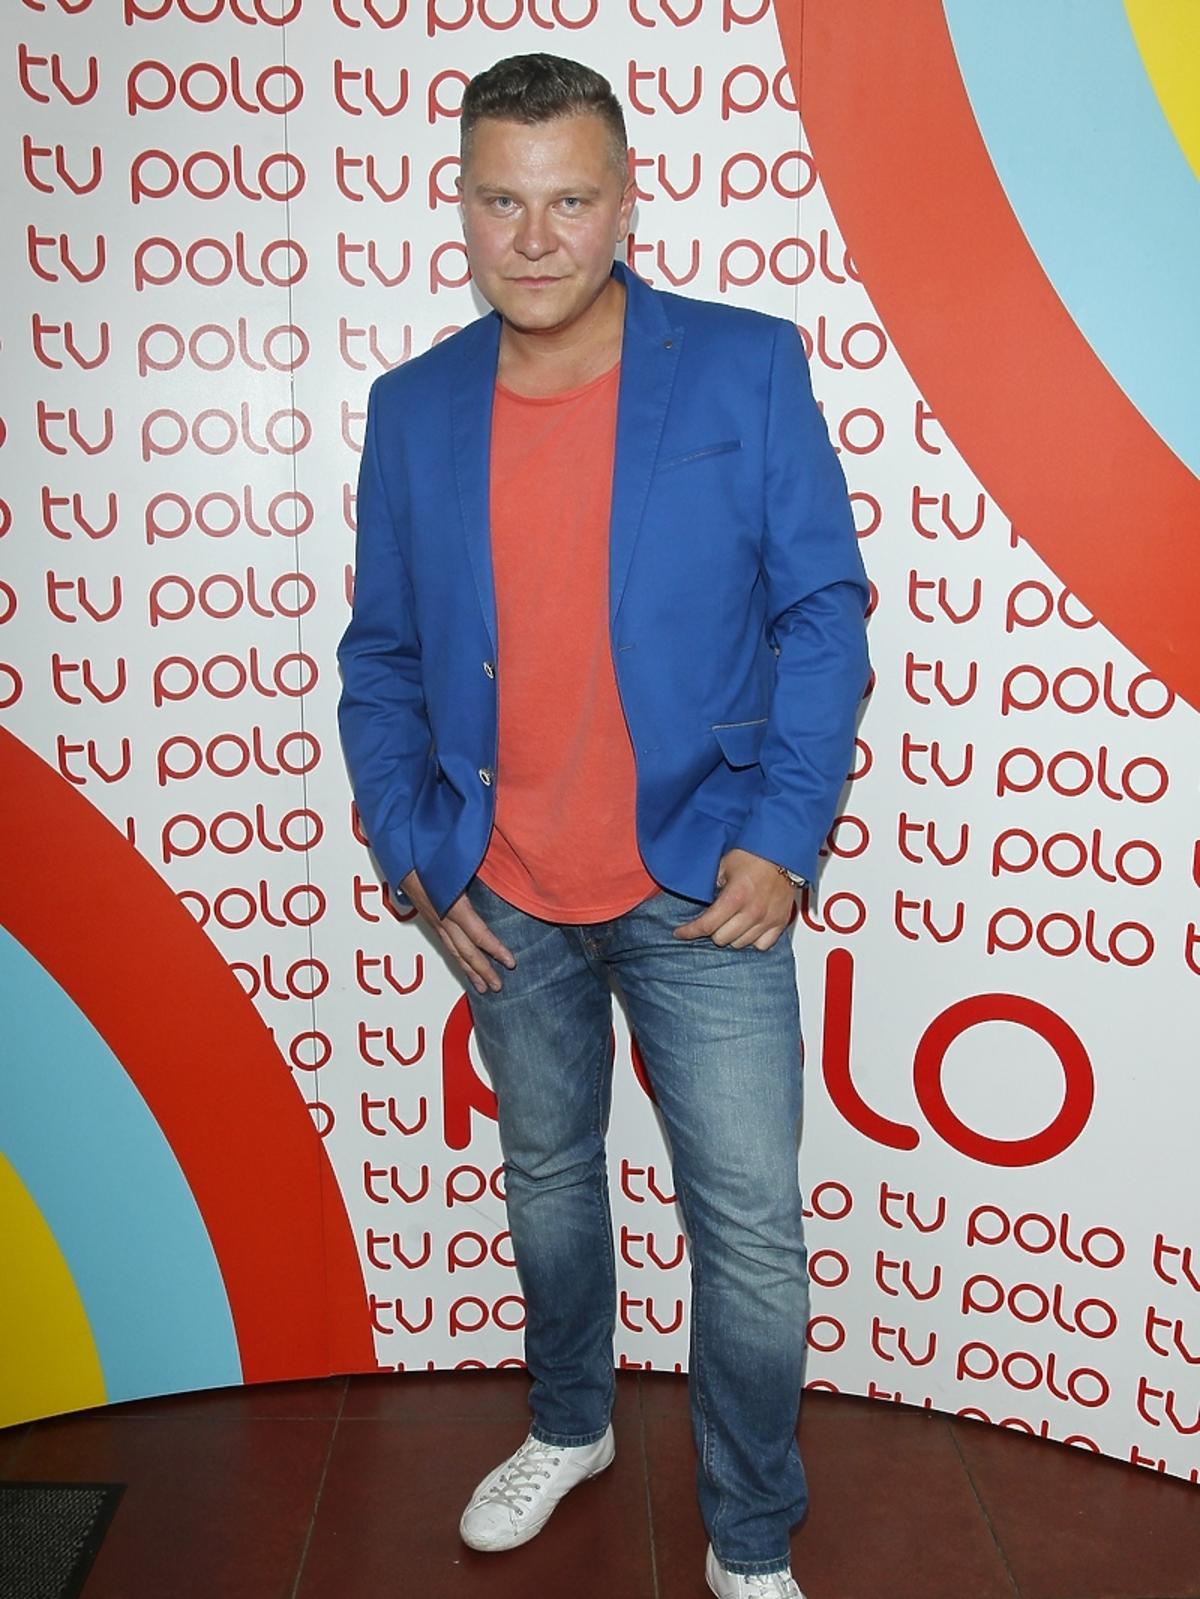 Jurgus na urodzinach Polo TV